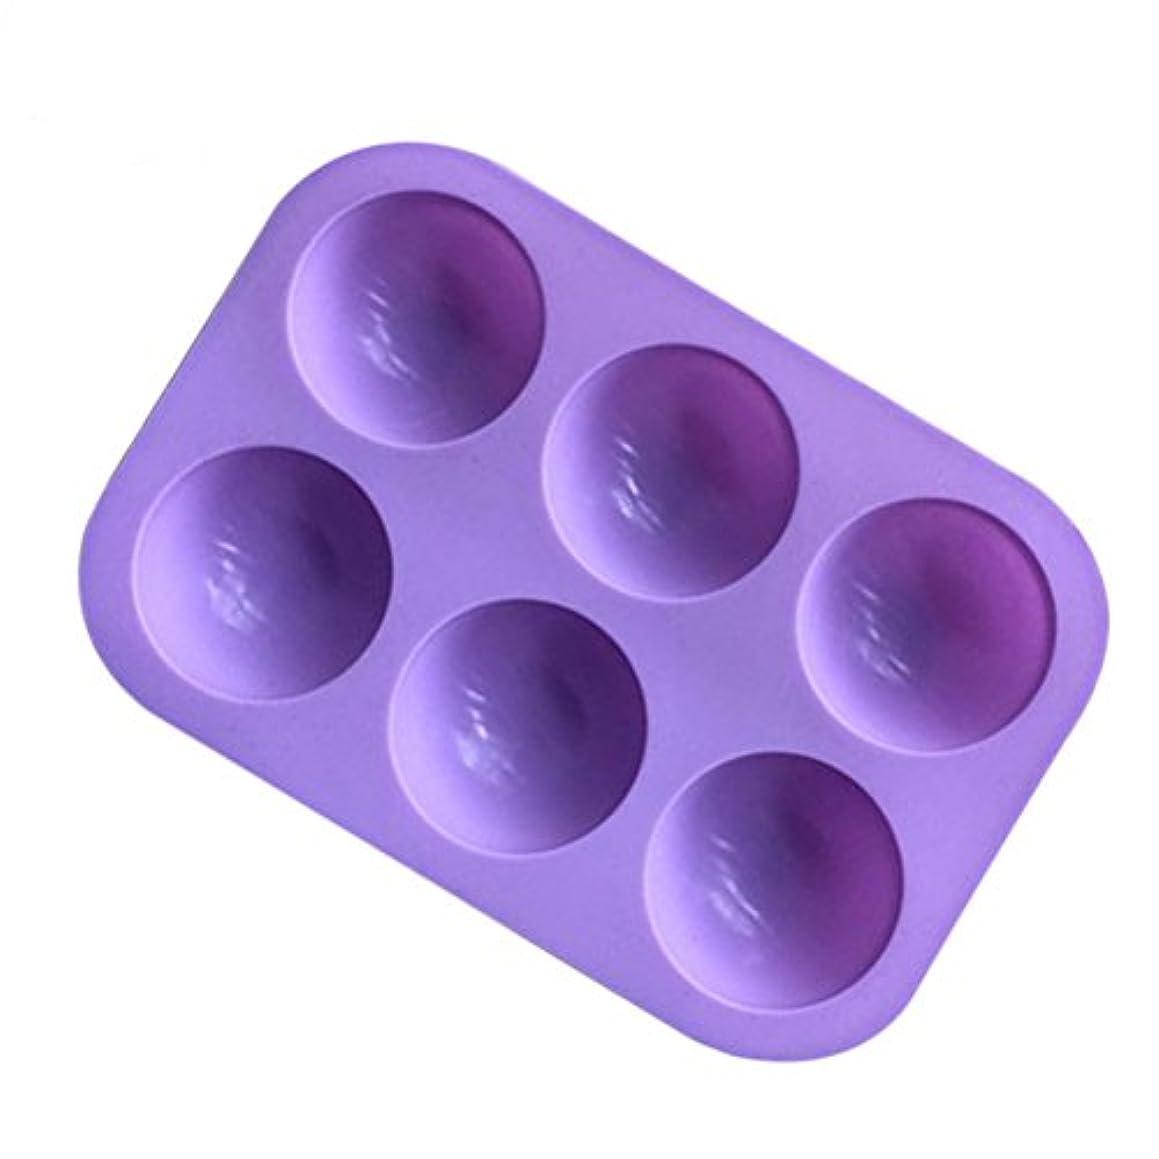 彼は簡潔な意図BESTONZON シリコンソープモールド半円マフィンパンカップケーキキャンディモールドケーキチョコレートモールドベーキングモールド6個のキャビティ(紫色)